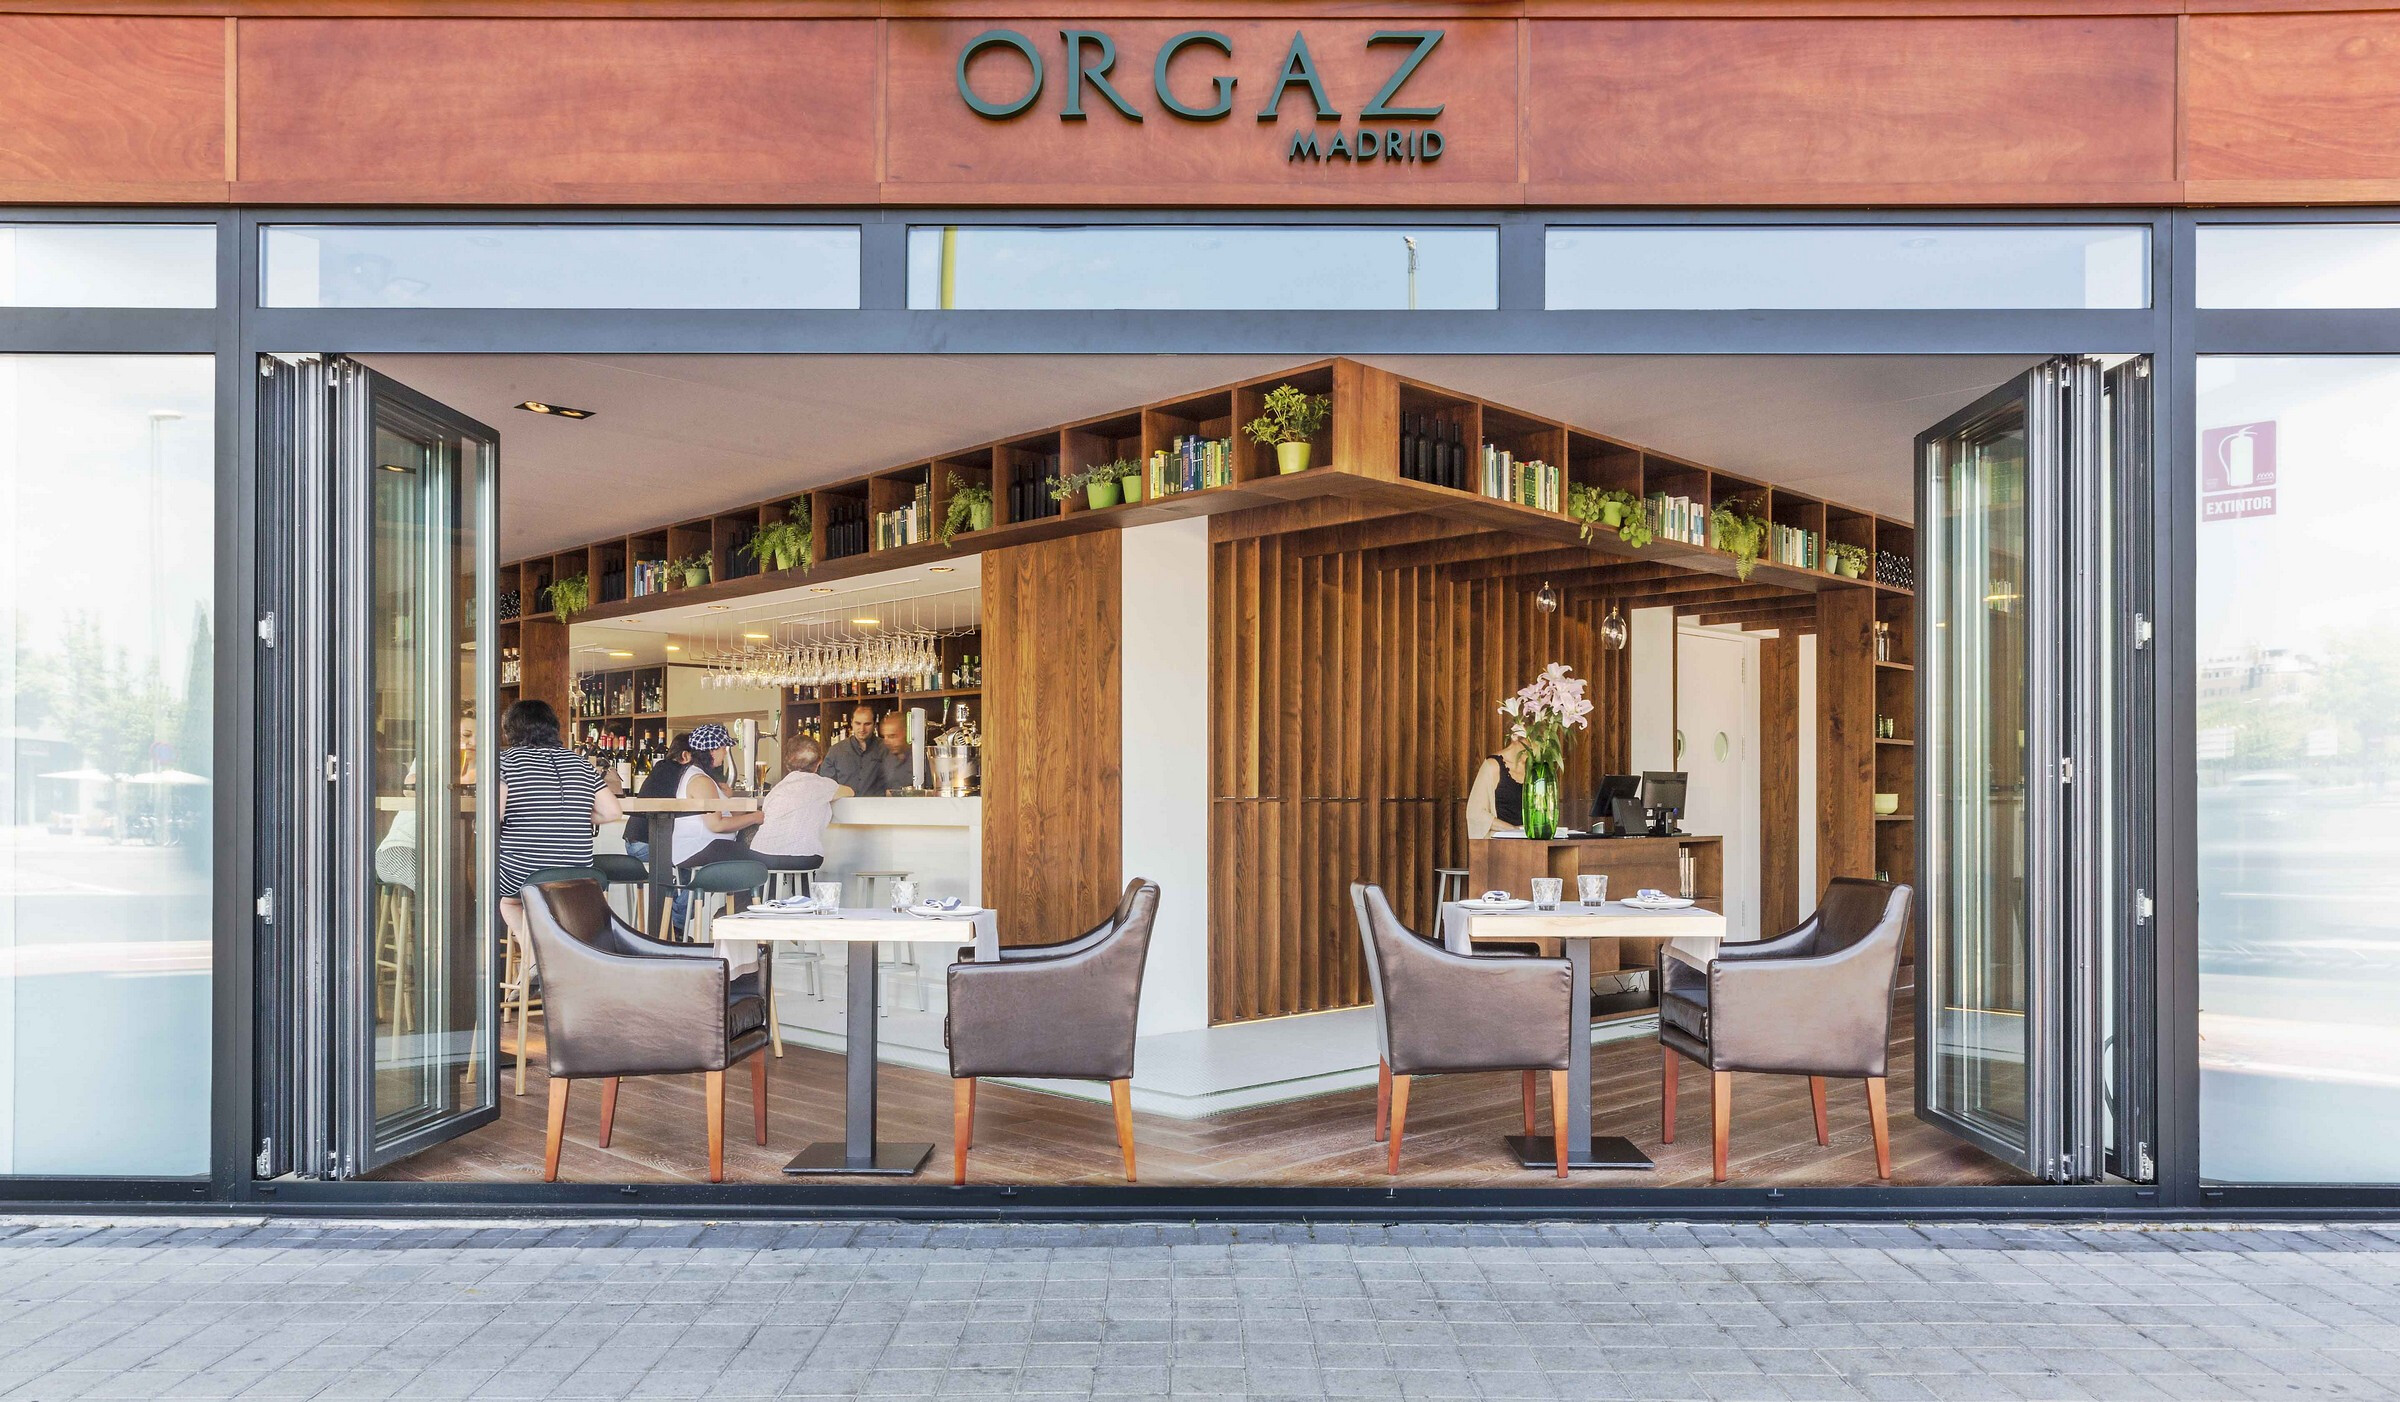 Orgaz Restaurant